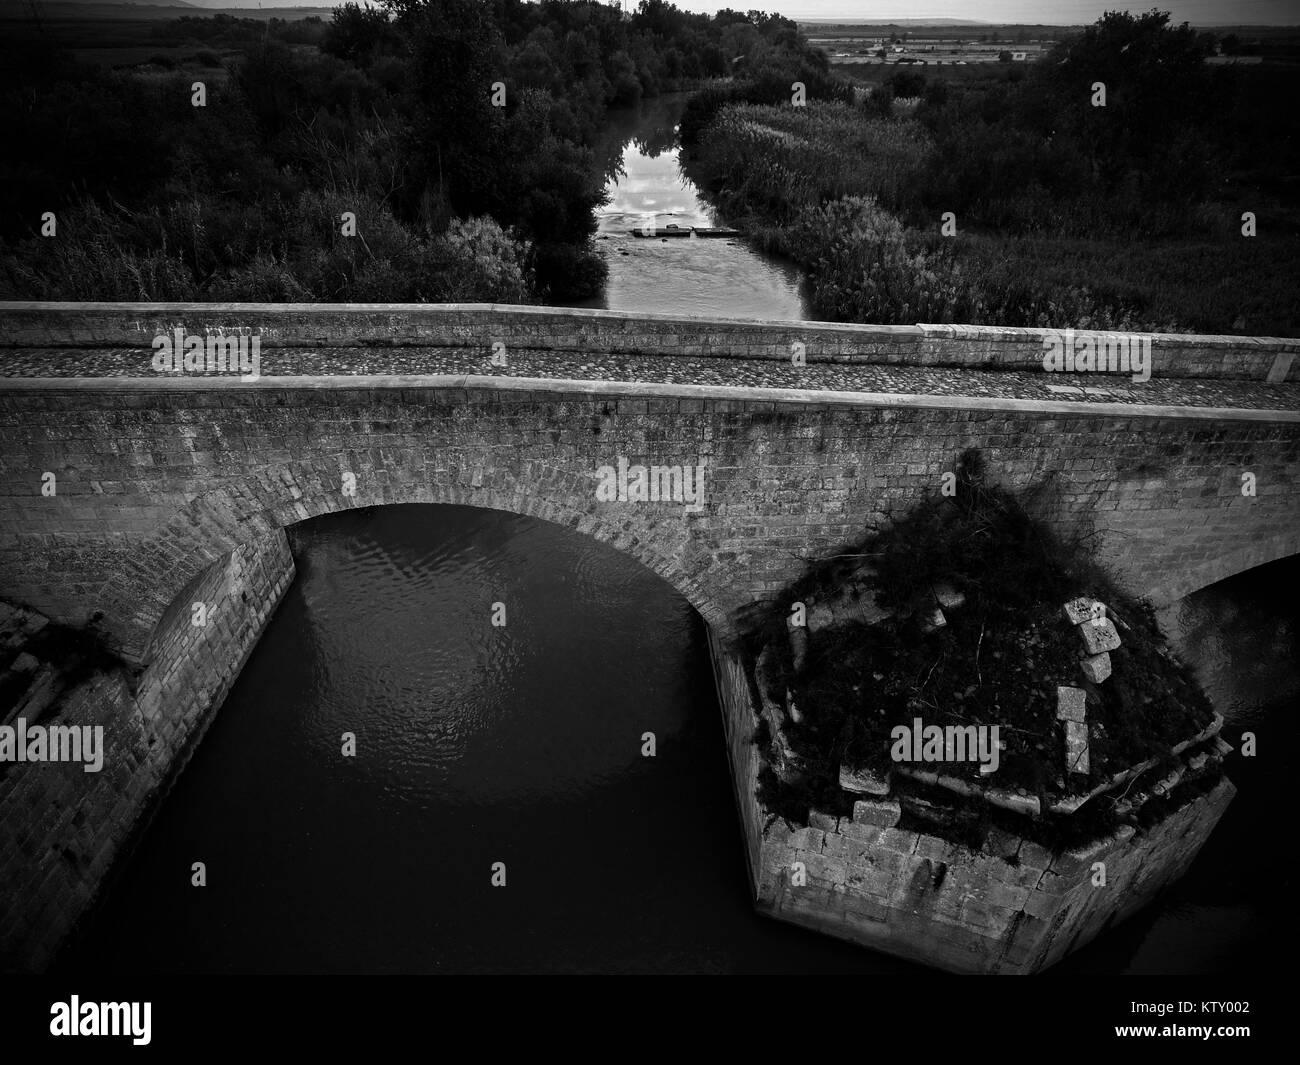 Roman bridge across the Ofanto river, Canosa di Puglia, Italy. - Stock Image